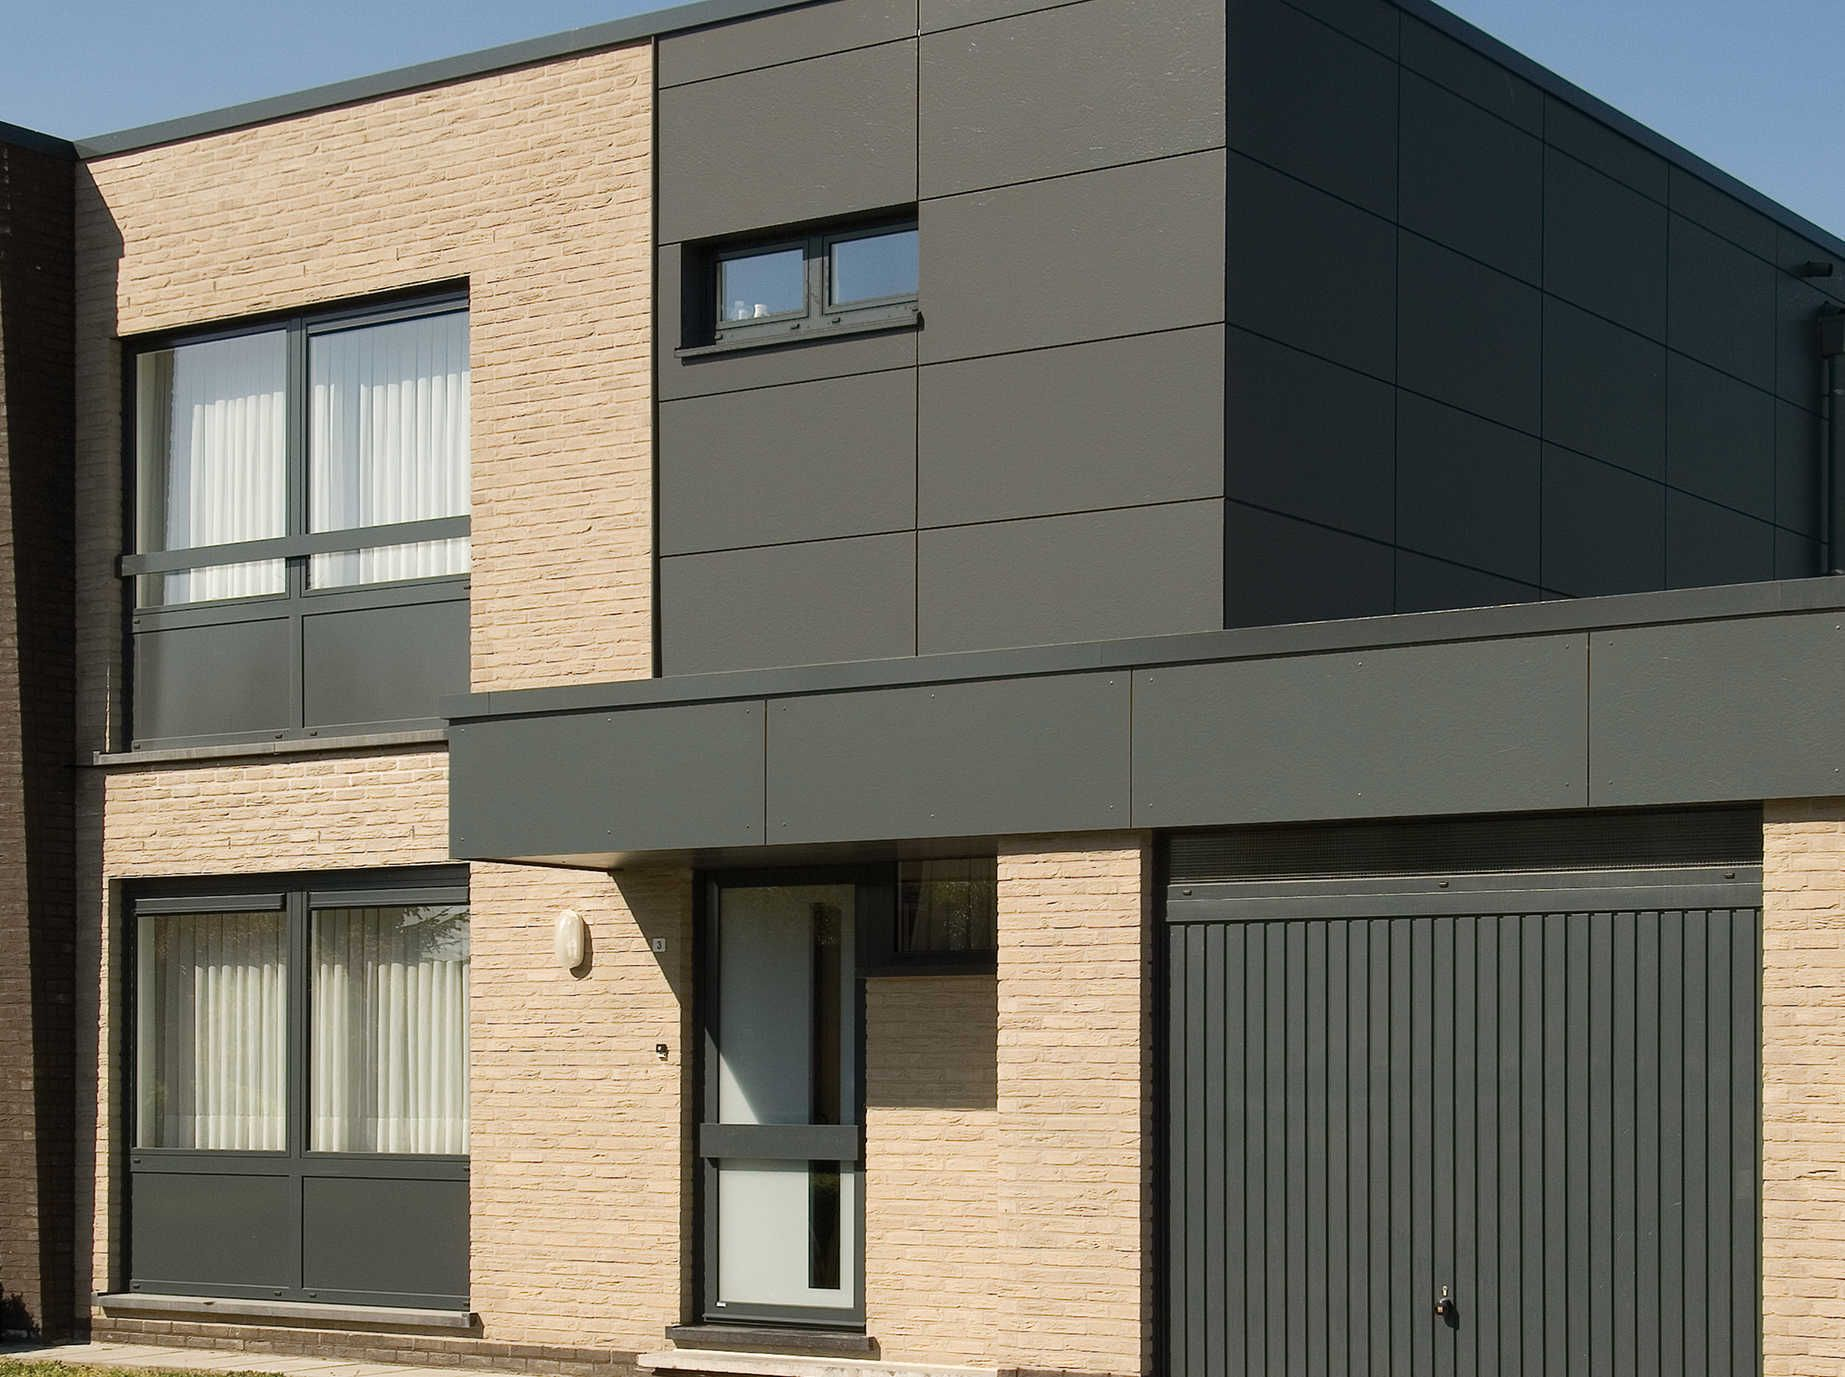 Trespa Google Search Fassade Haus Fassade Haus Architektur